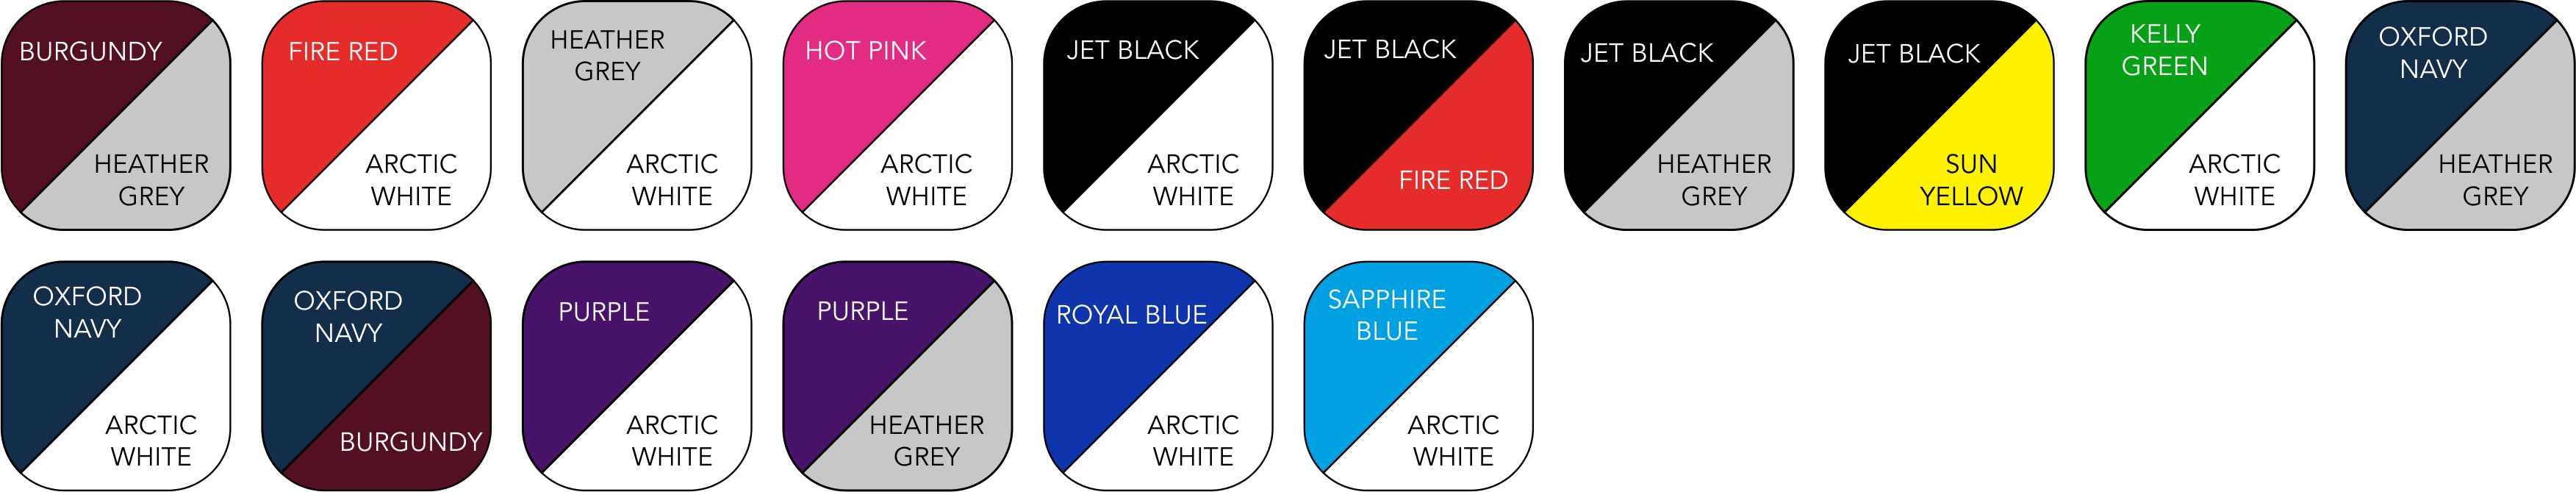 JH043 Unisex Colour Range